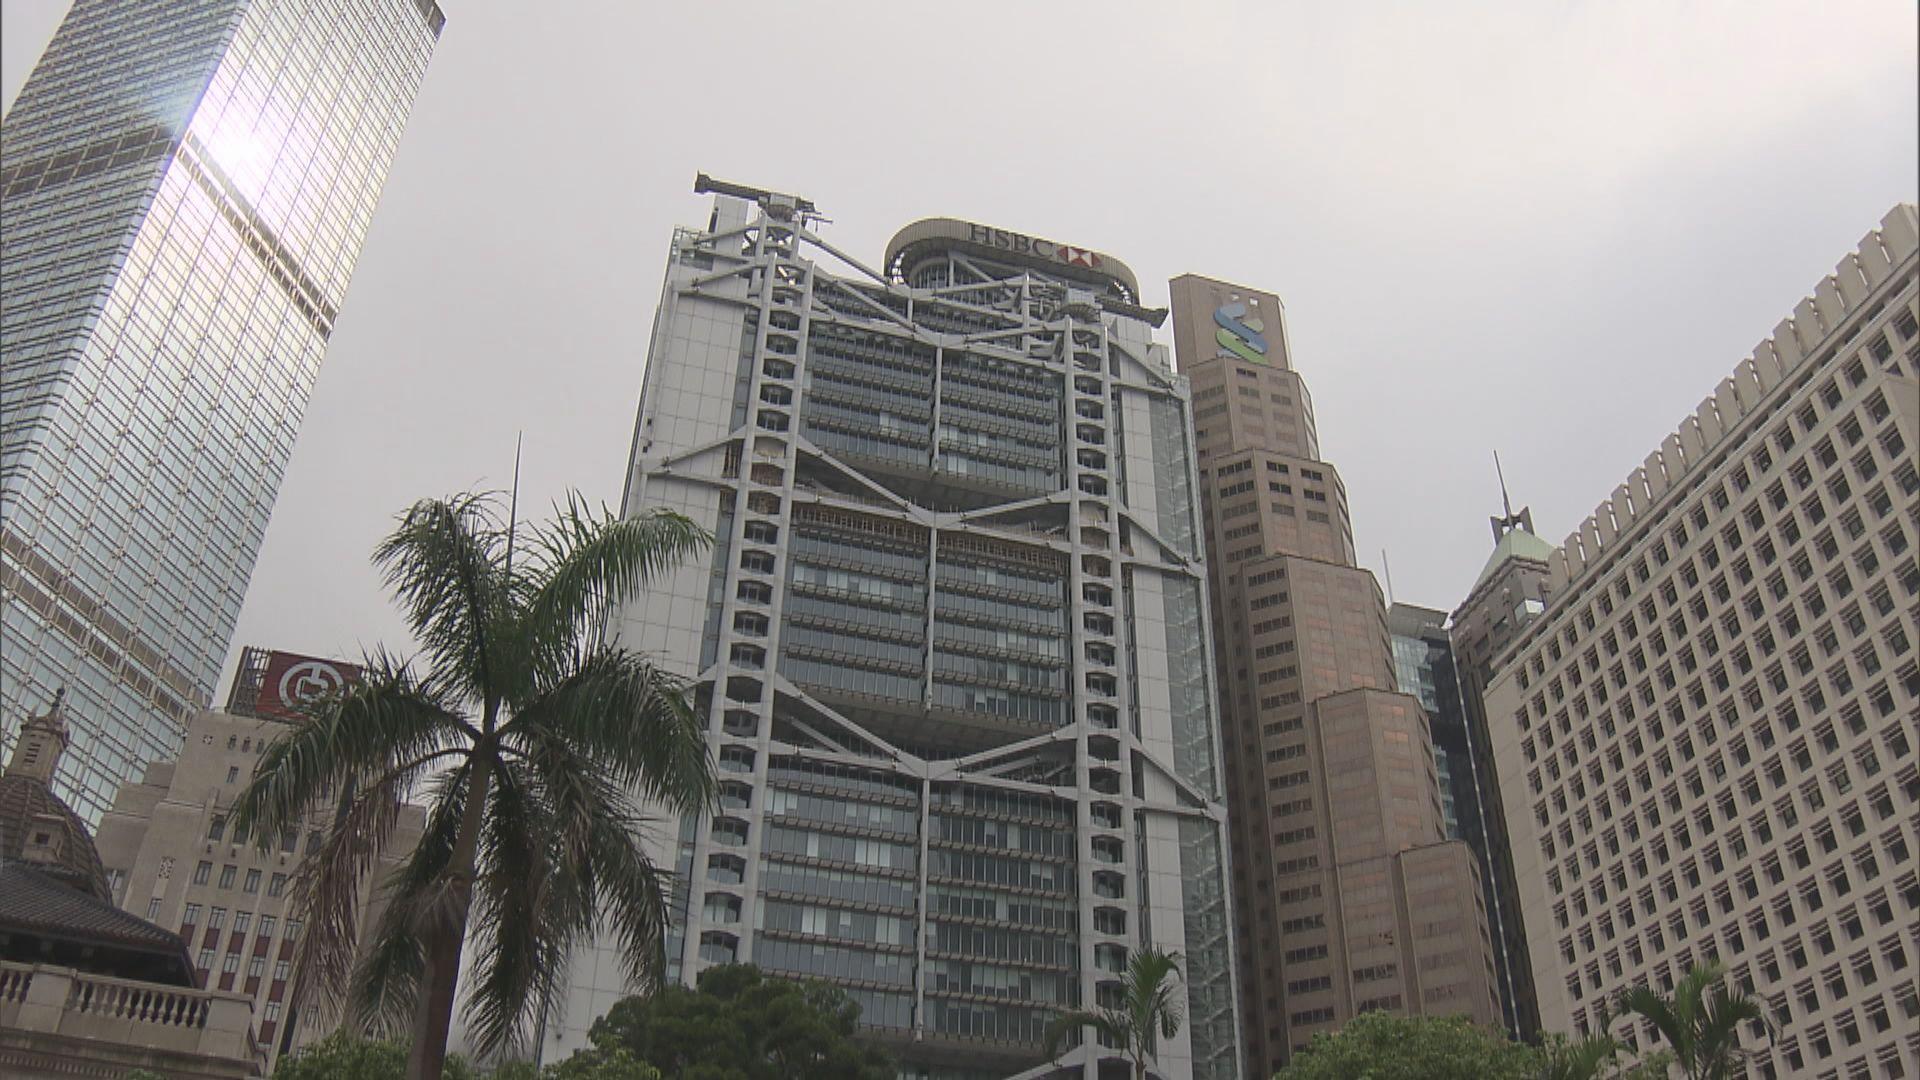 滙豐:香港以外地區未必准許使用其網上、流動服務